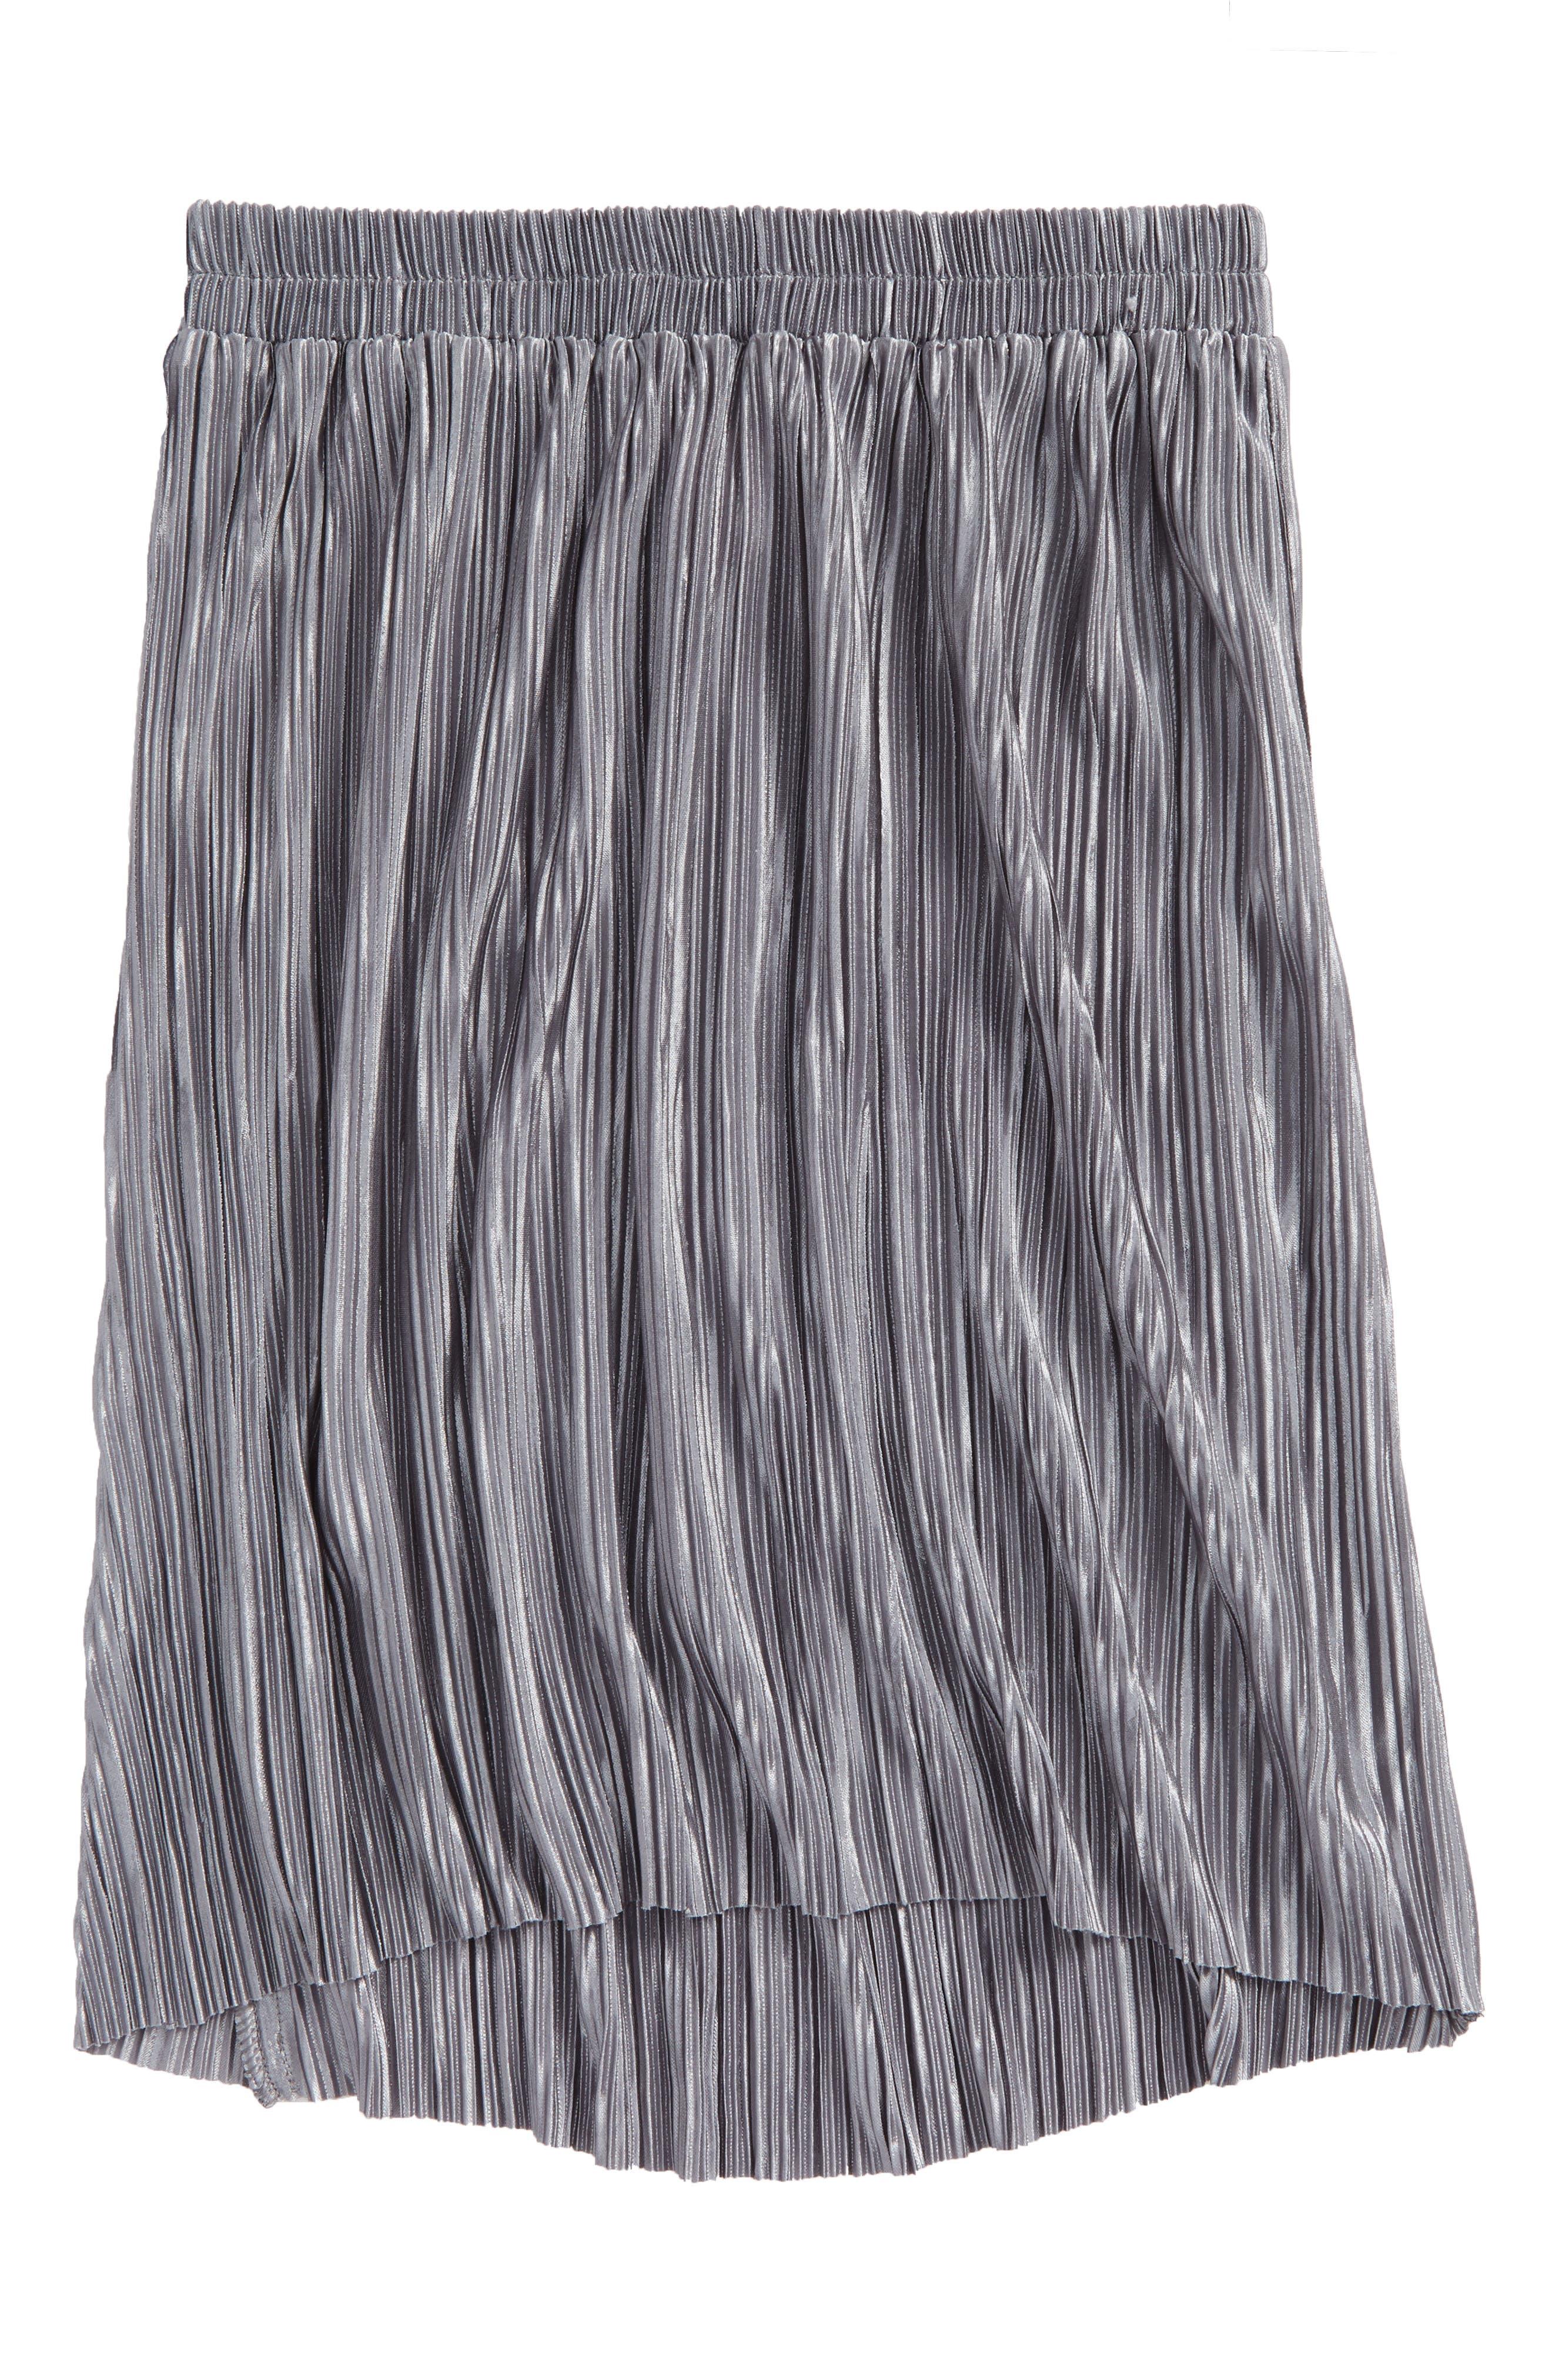 Mia Chica Pleated Metallic Skirt (Big Girls)